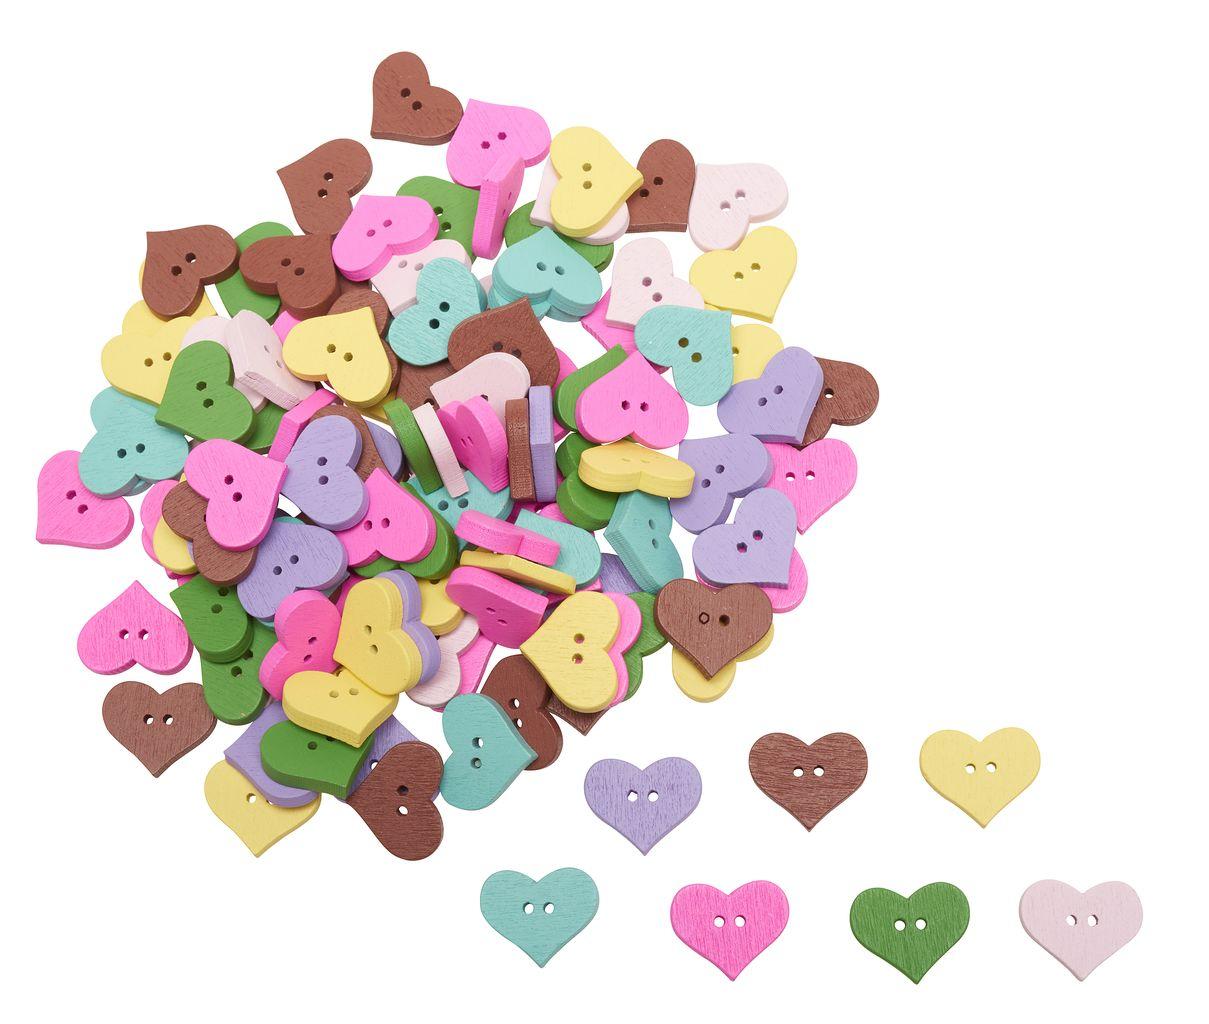 Herzknöpfe aus Holz